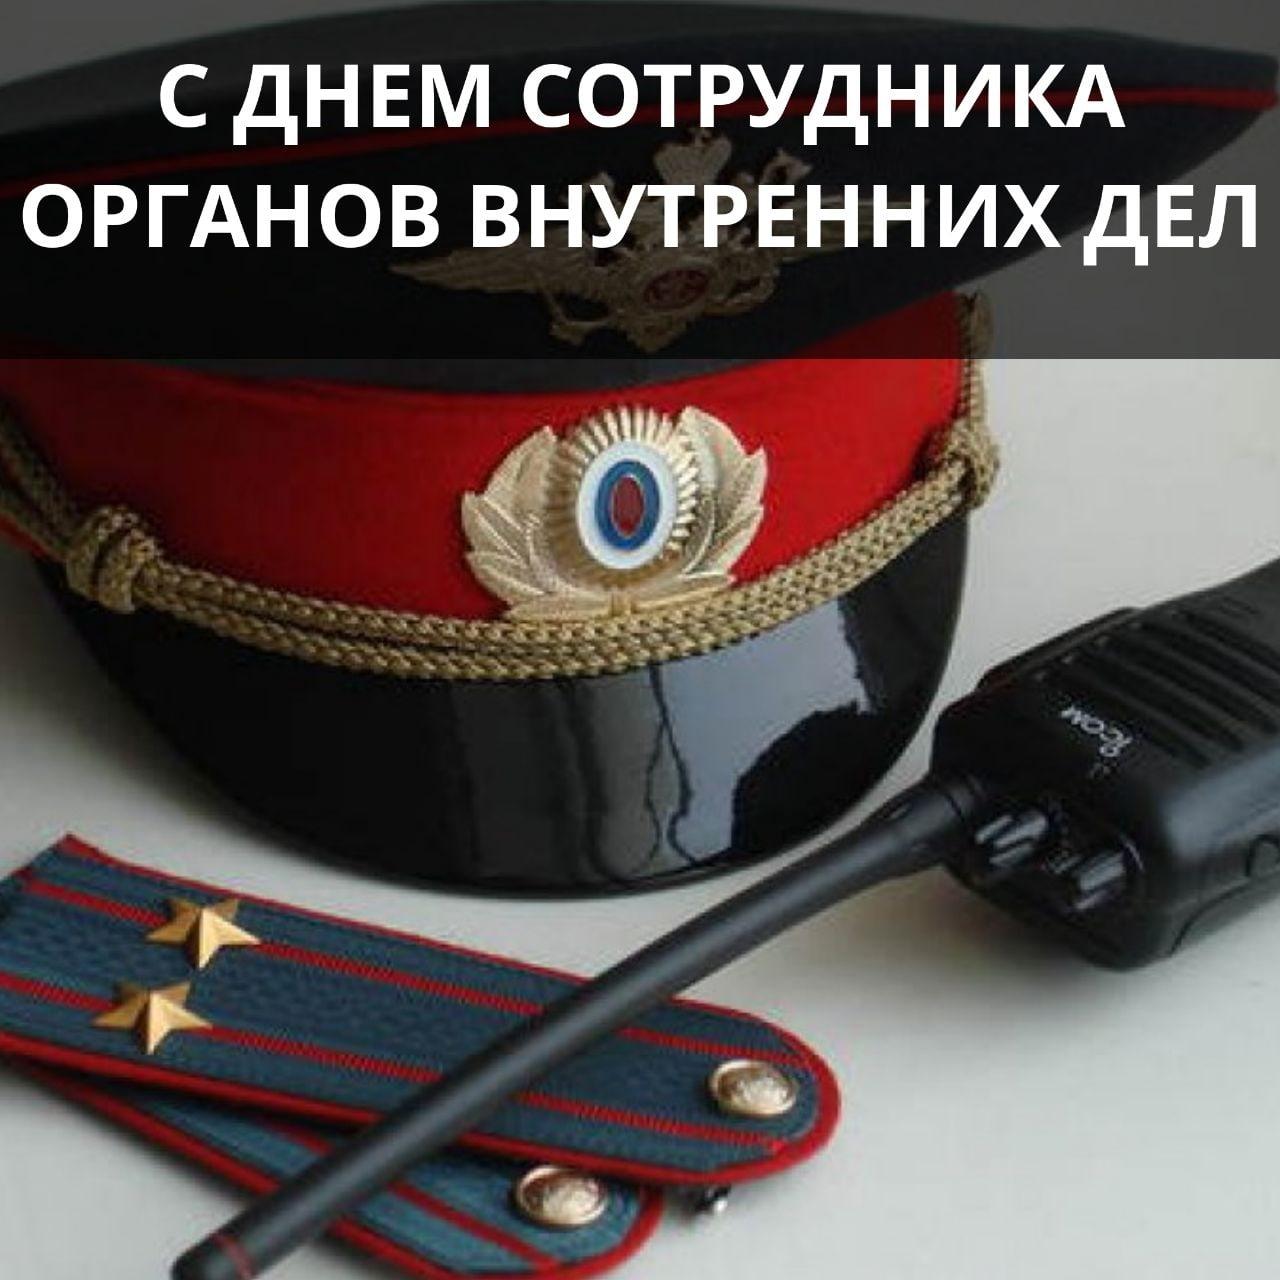 Ольга Алимова поздравила с Днем сотрудника органов внутренних дел РФ